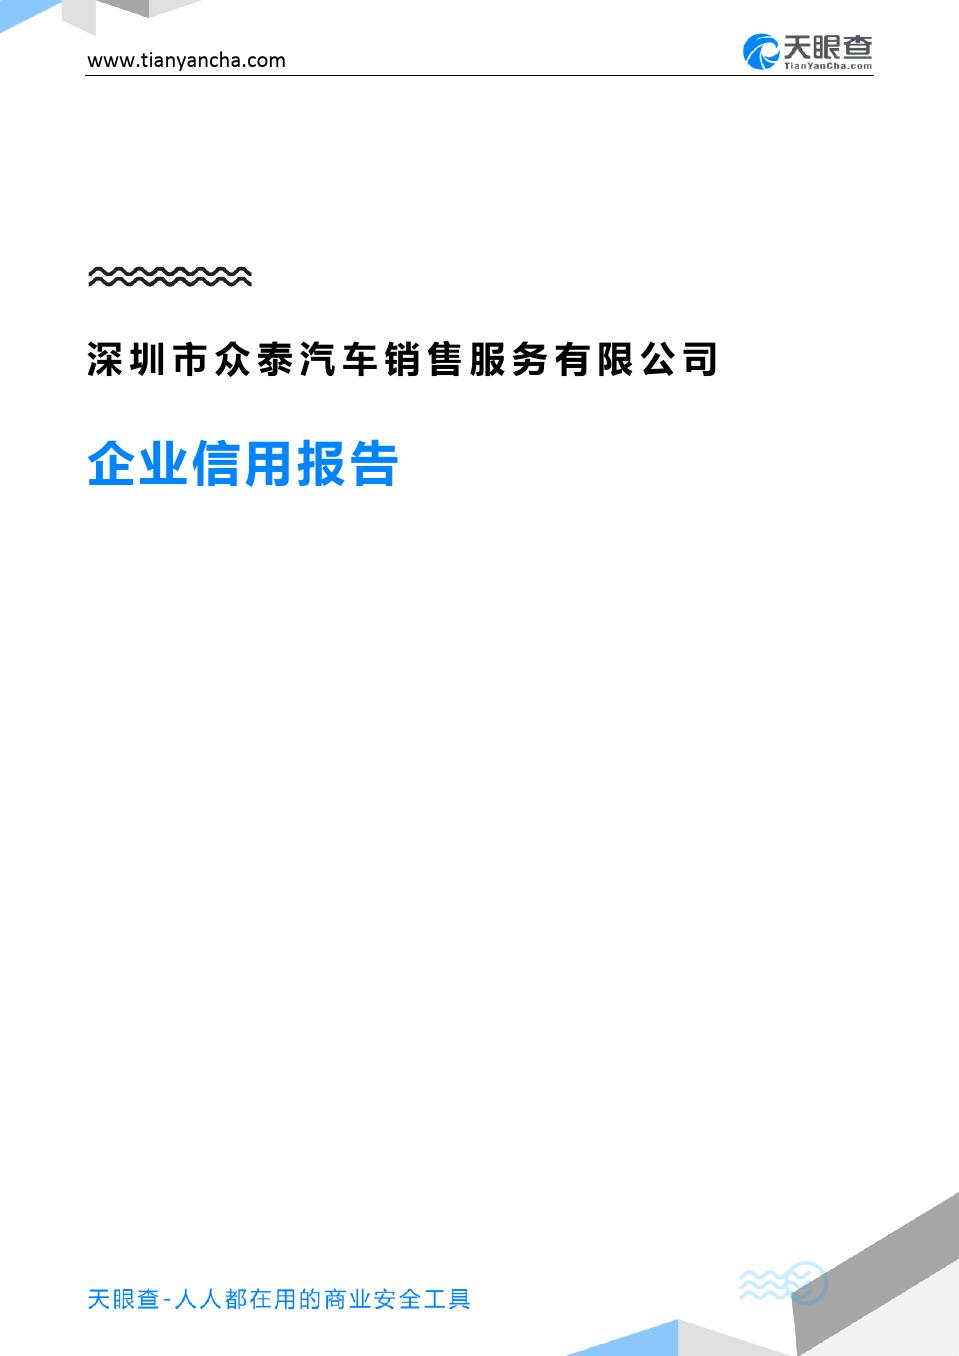 深圳市众泰汽车销售服务有限公司(企业信用报告)- 天眼查